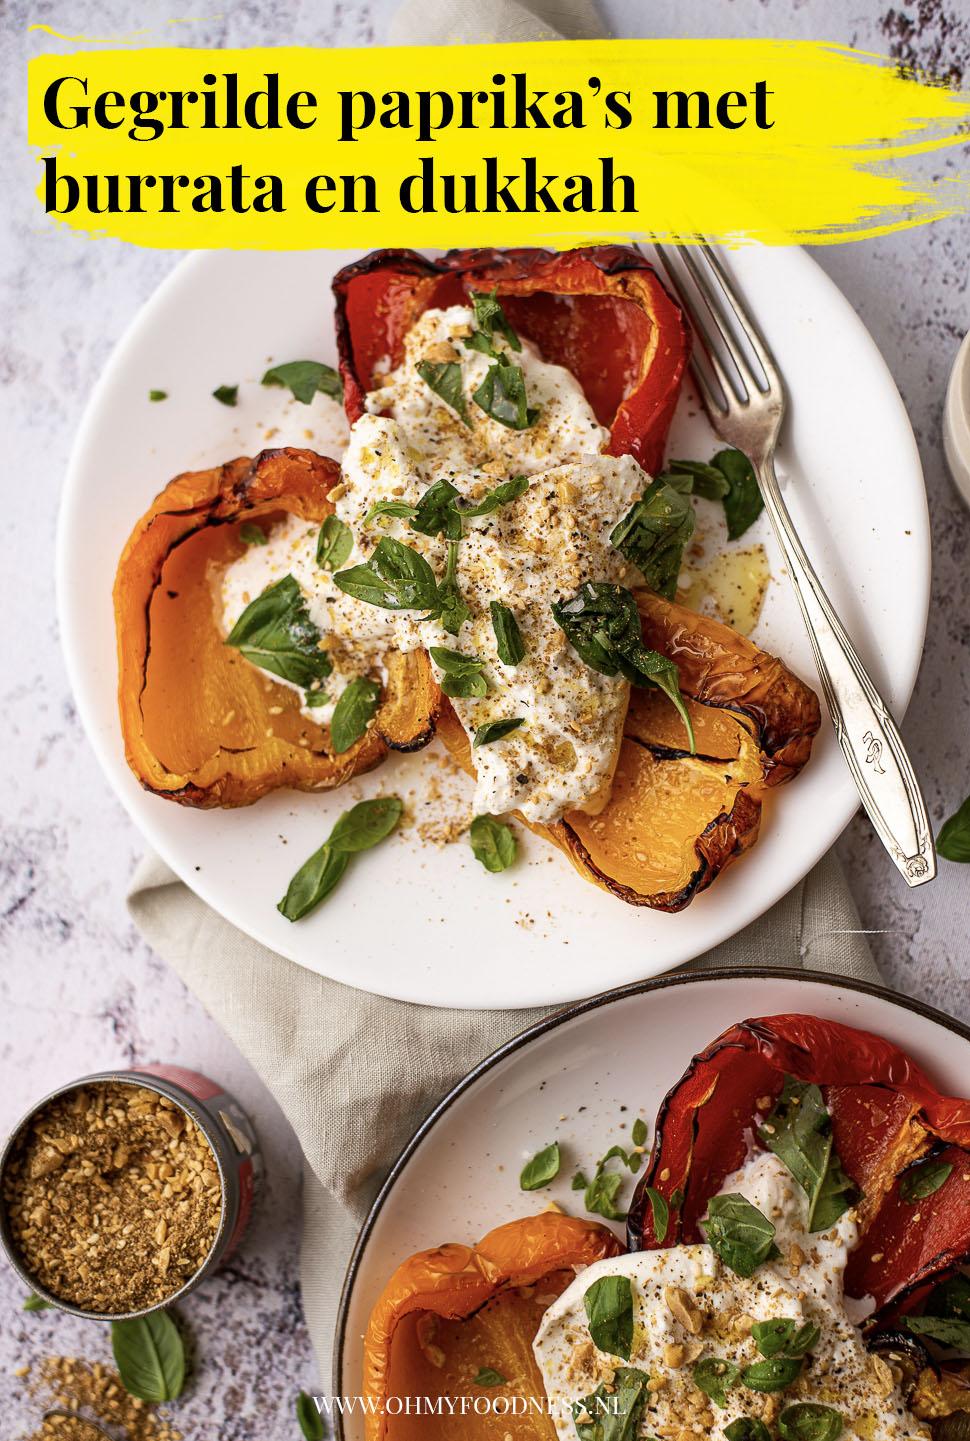 Gegrilde paprika's met burrata en dukkah